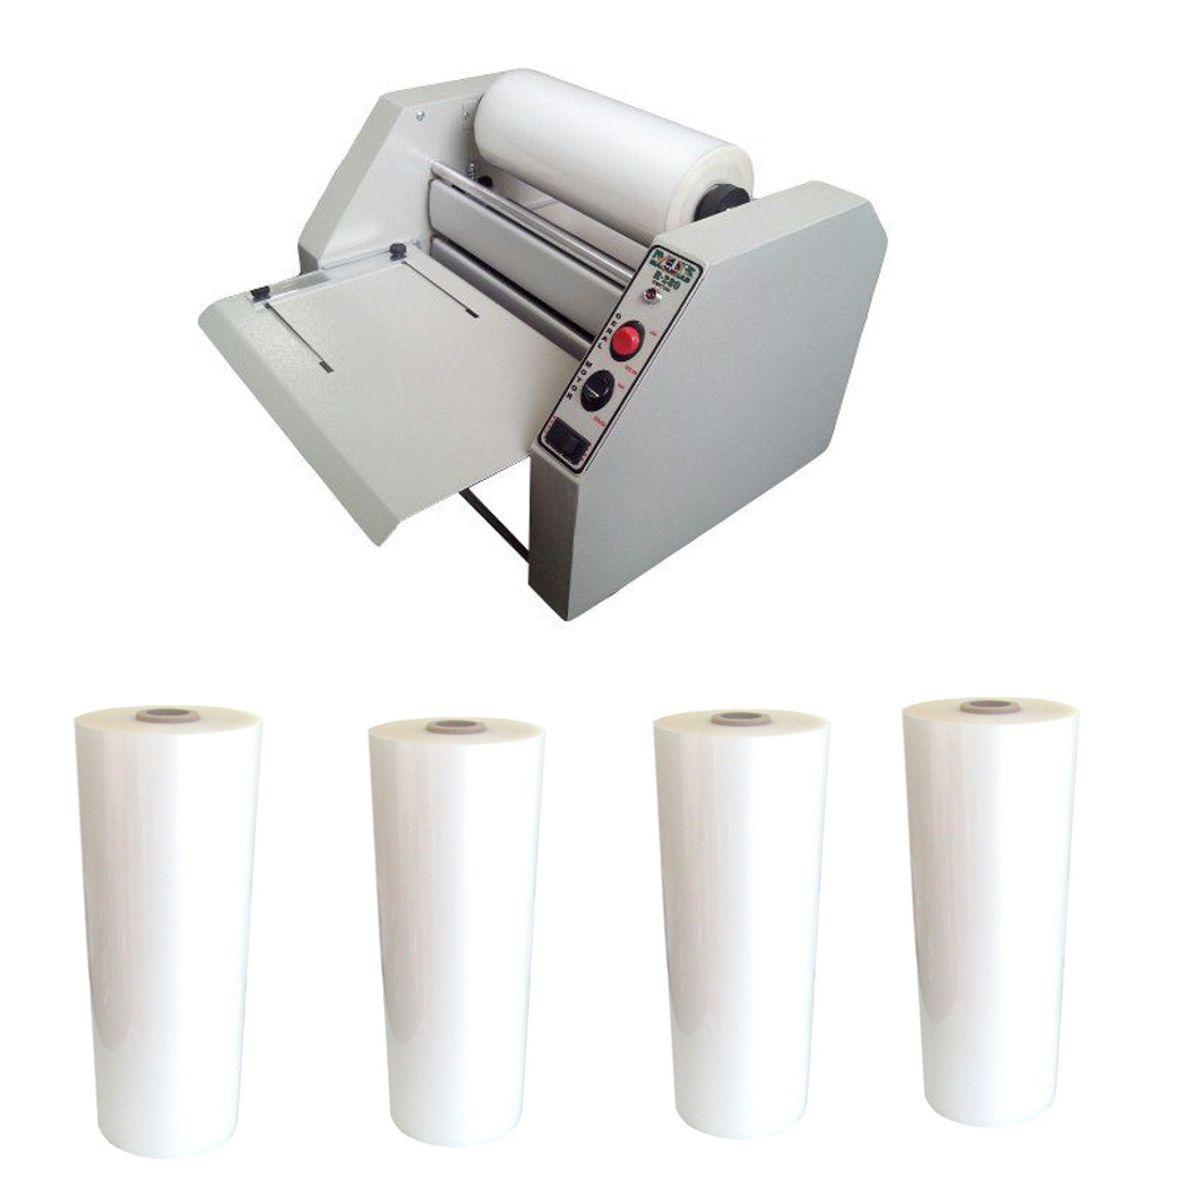 Kit Plastificadora R-280 + 4 Bobinas Polaseal (RG e Ofício)